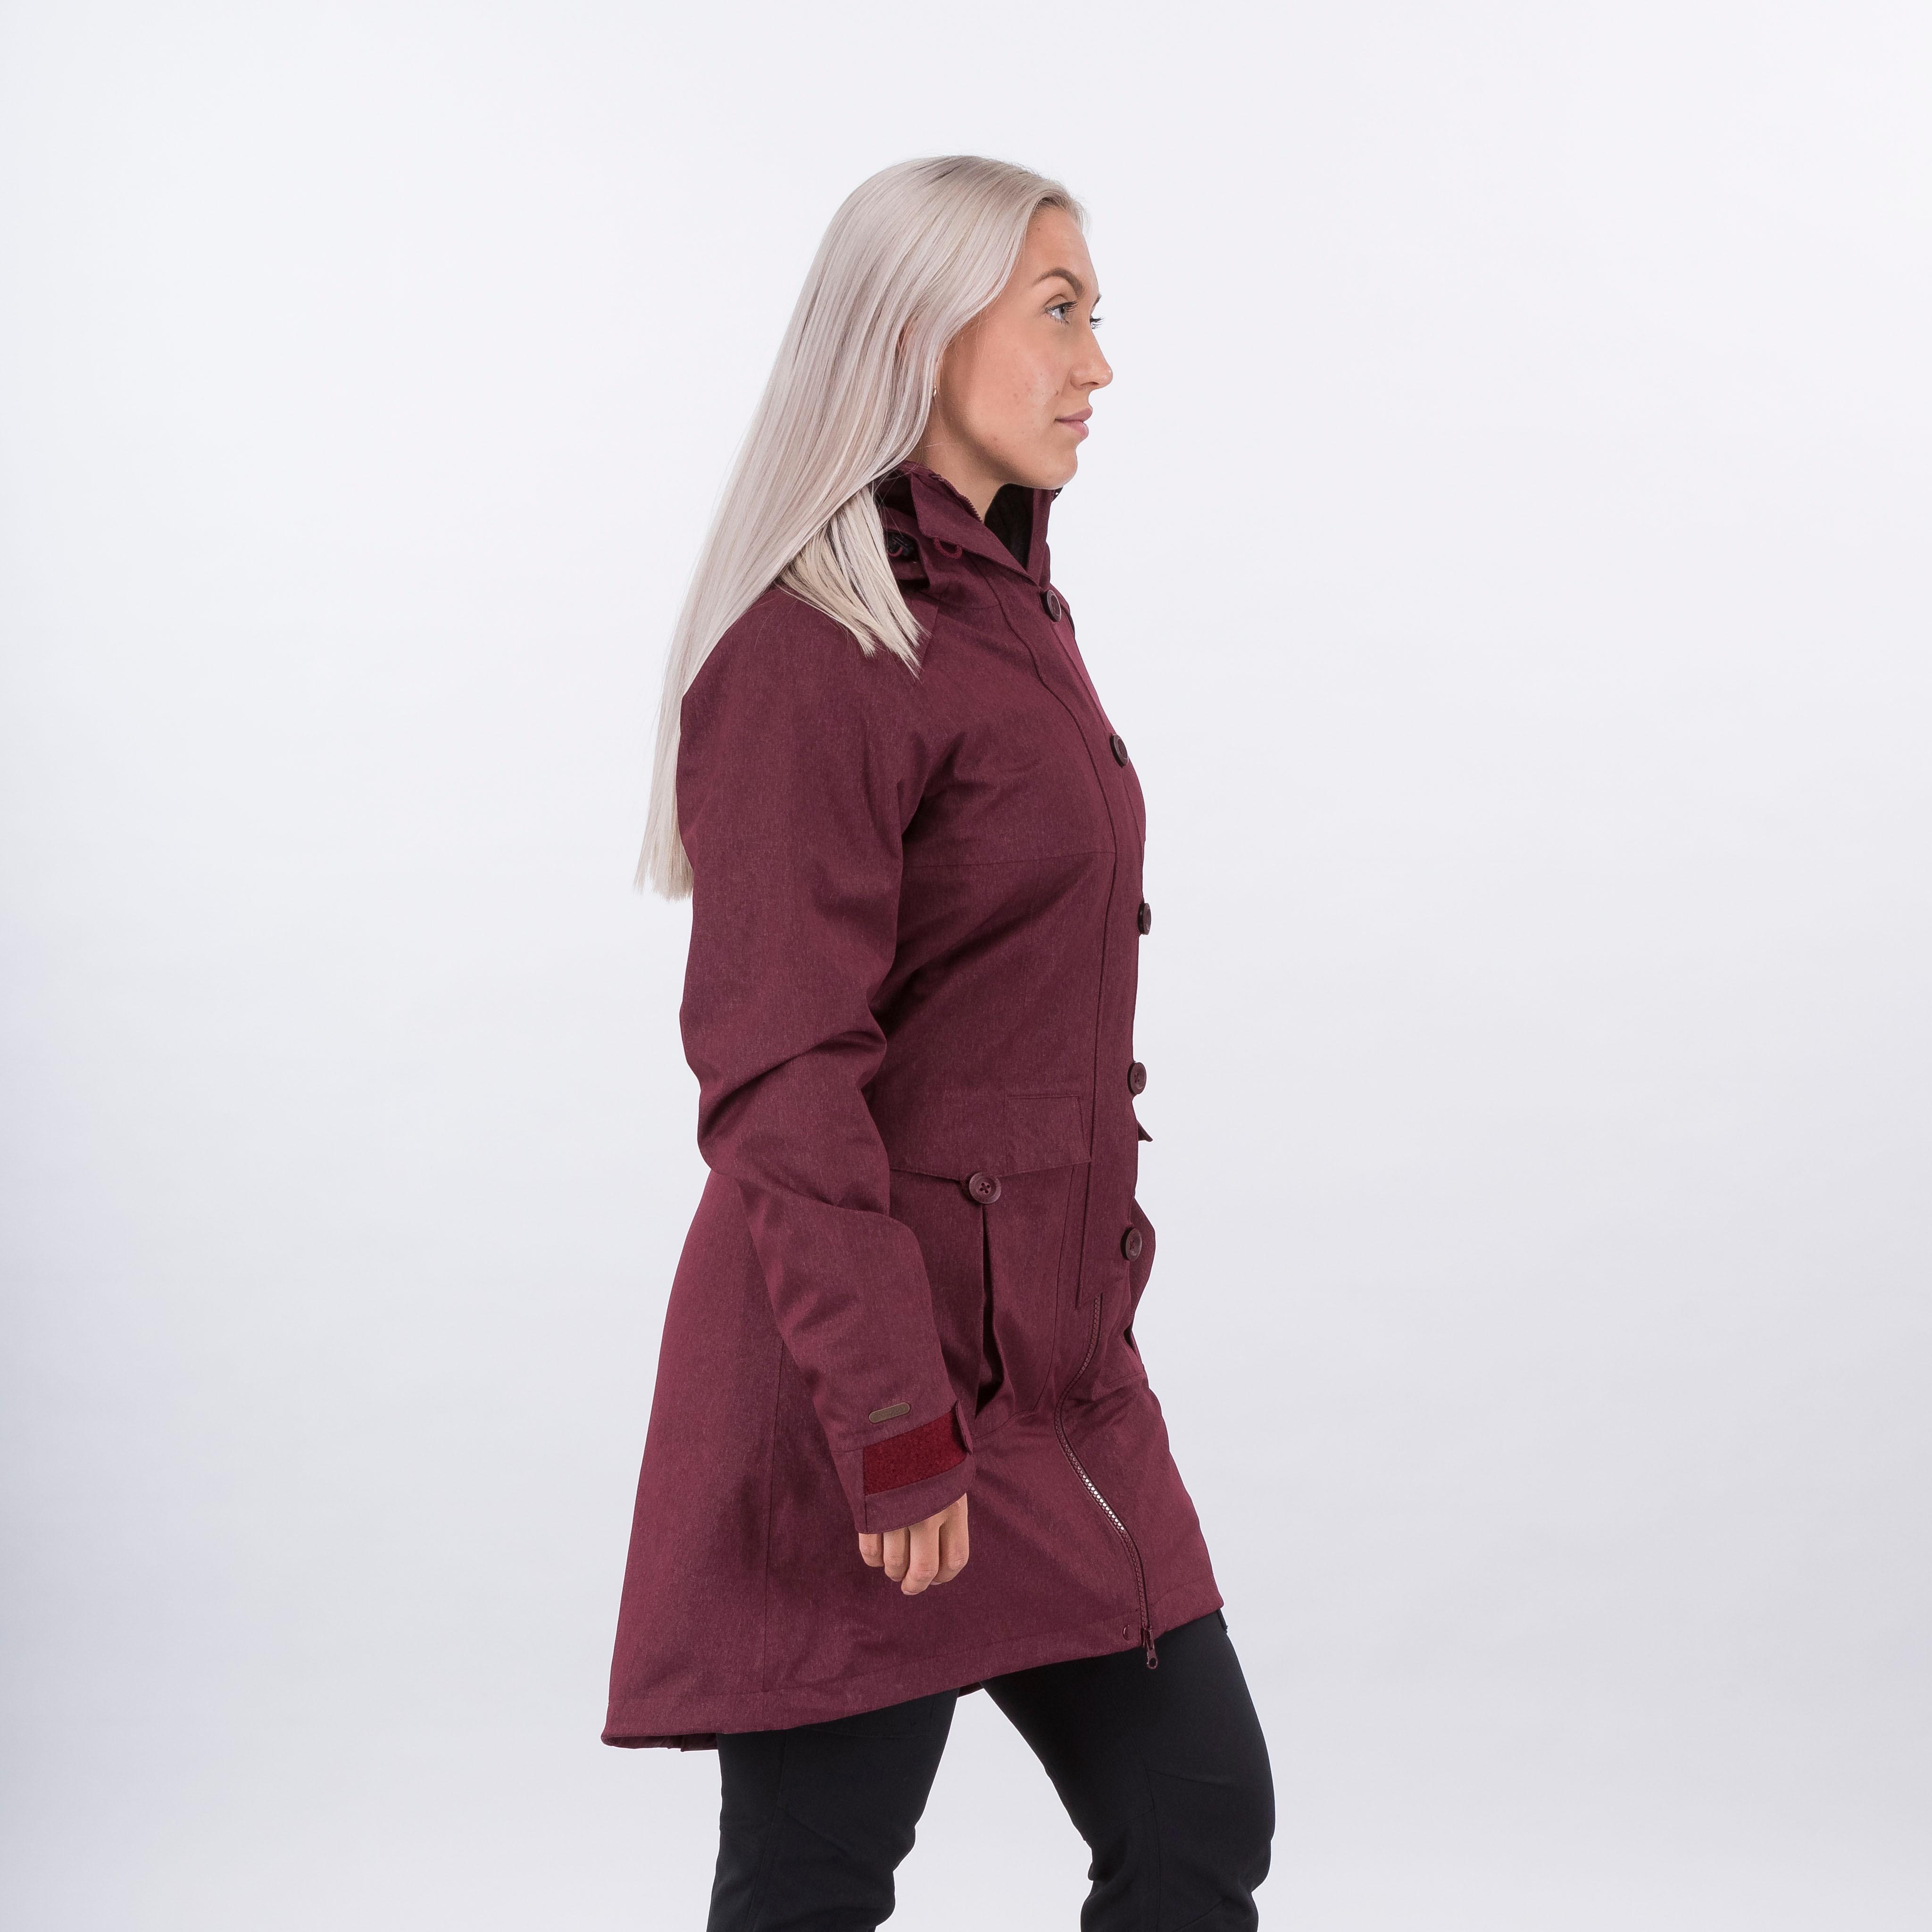 Bjerke 3in1 Lady Jacket